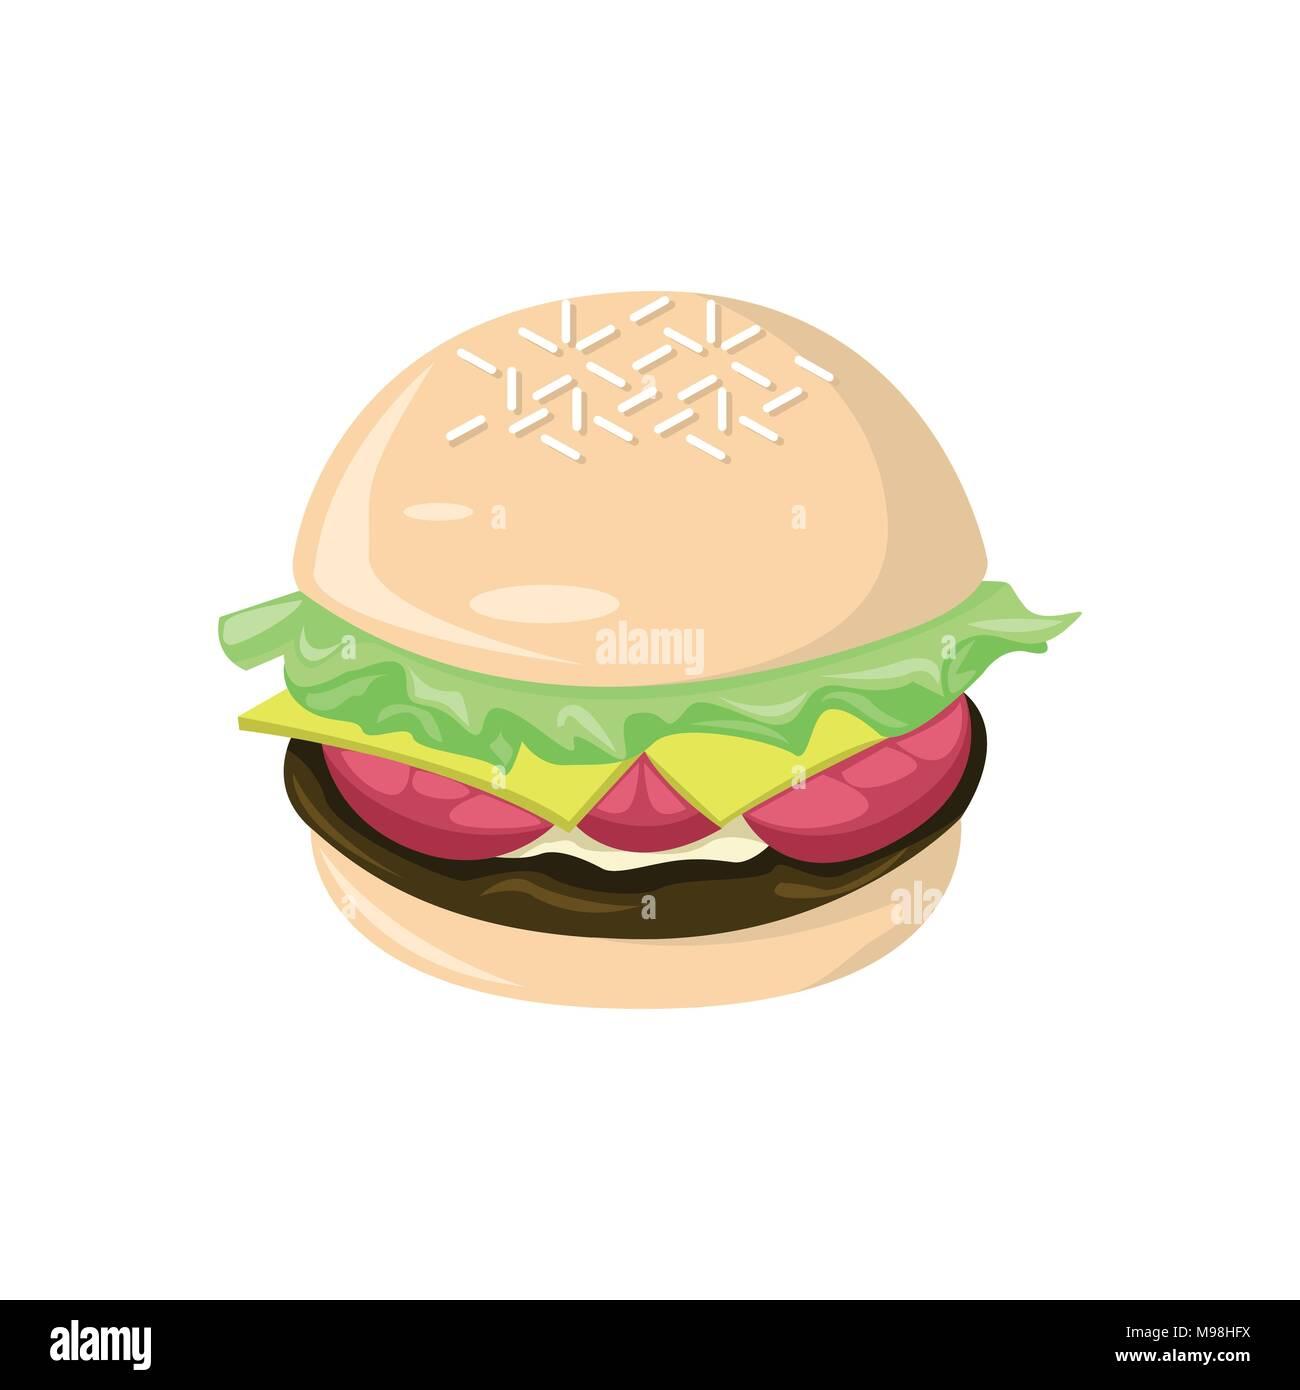 Fresh Big Burger Food Cafe Vector Illustration Graphic Design - Stock Image